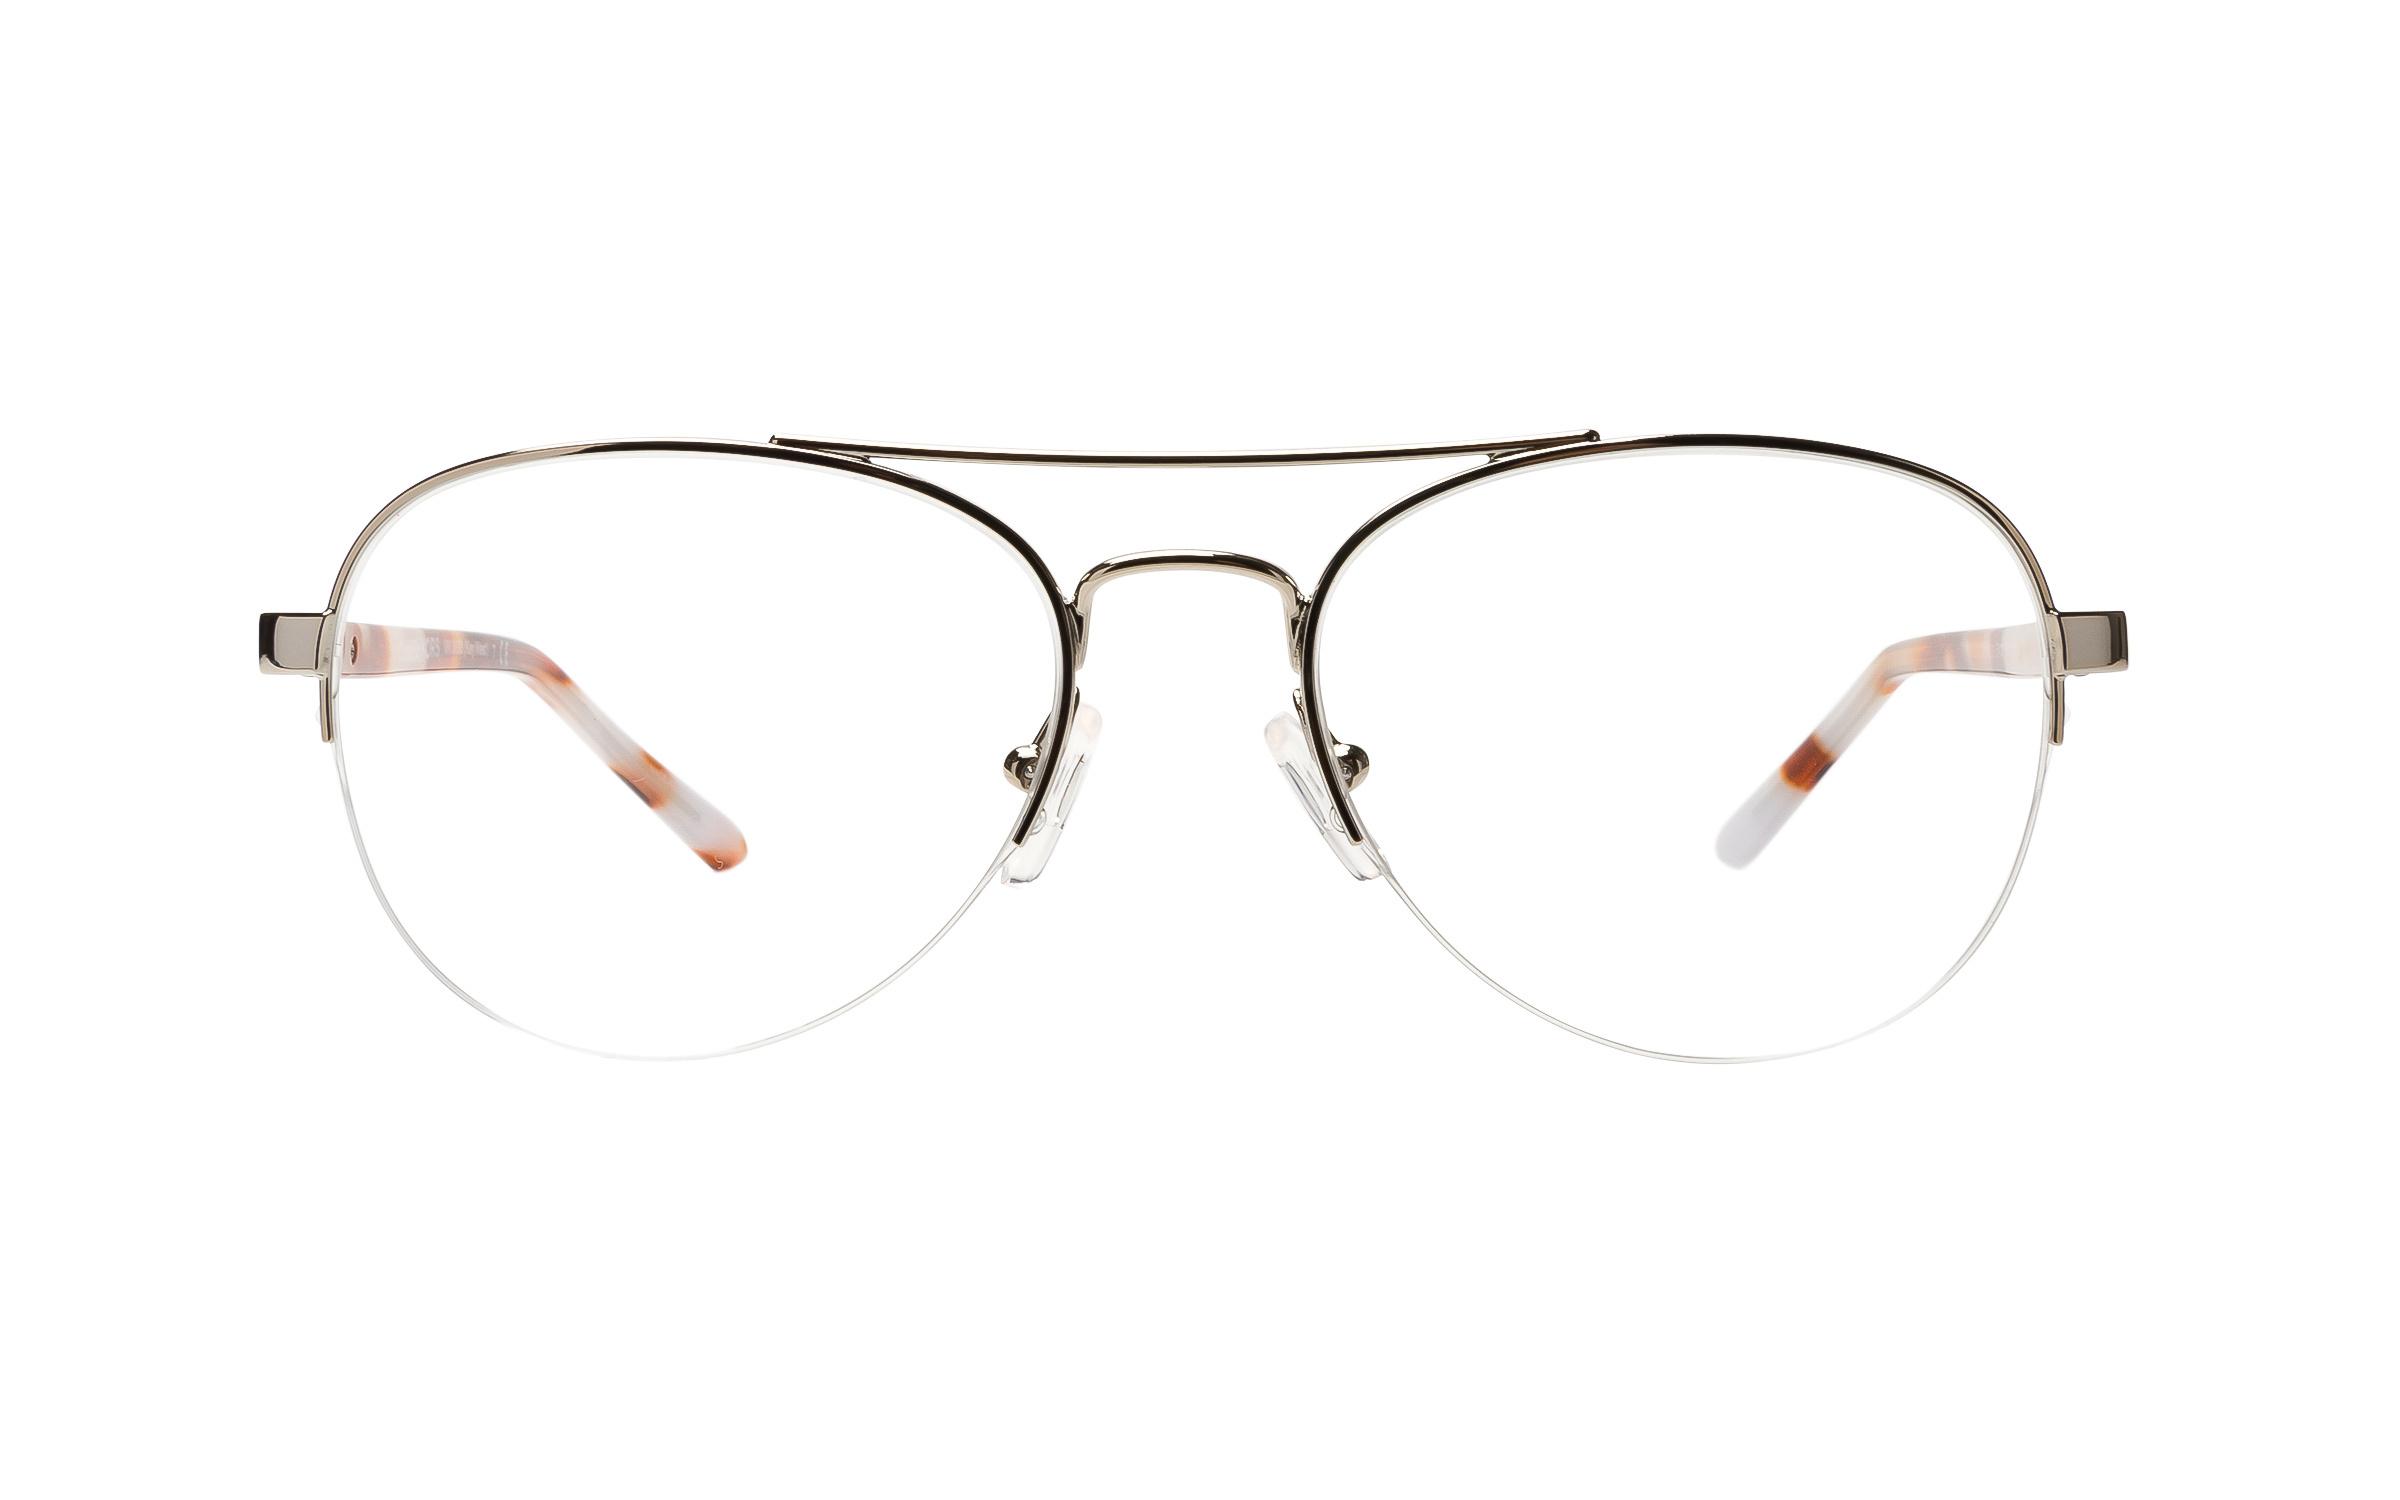 Michael Kors Key West MK3033 1153 (54) Eyeglasses and Frame in Silver | Plastic/Metal